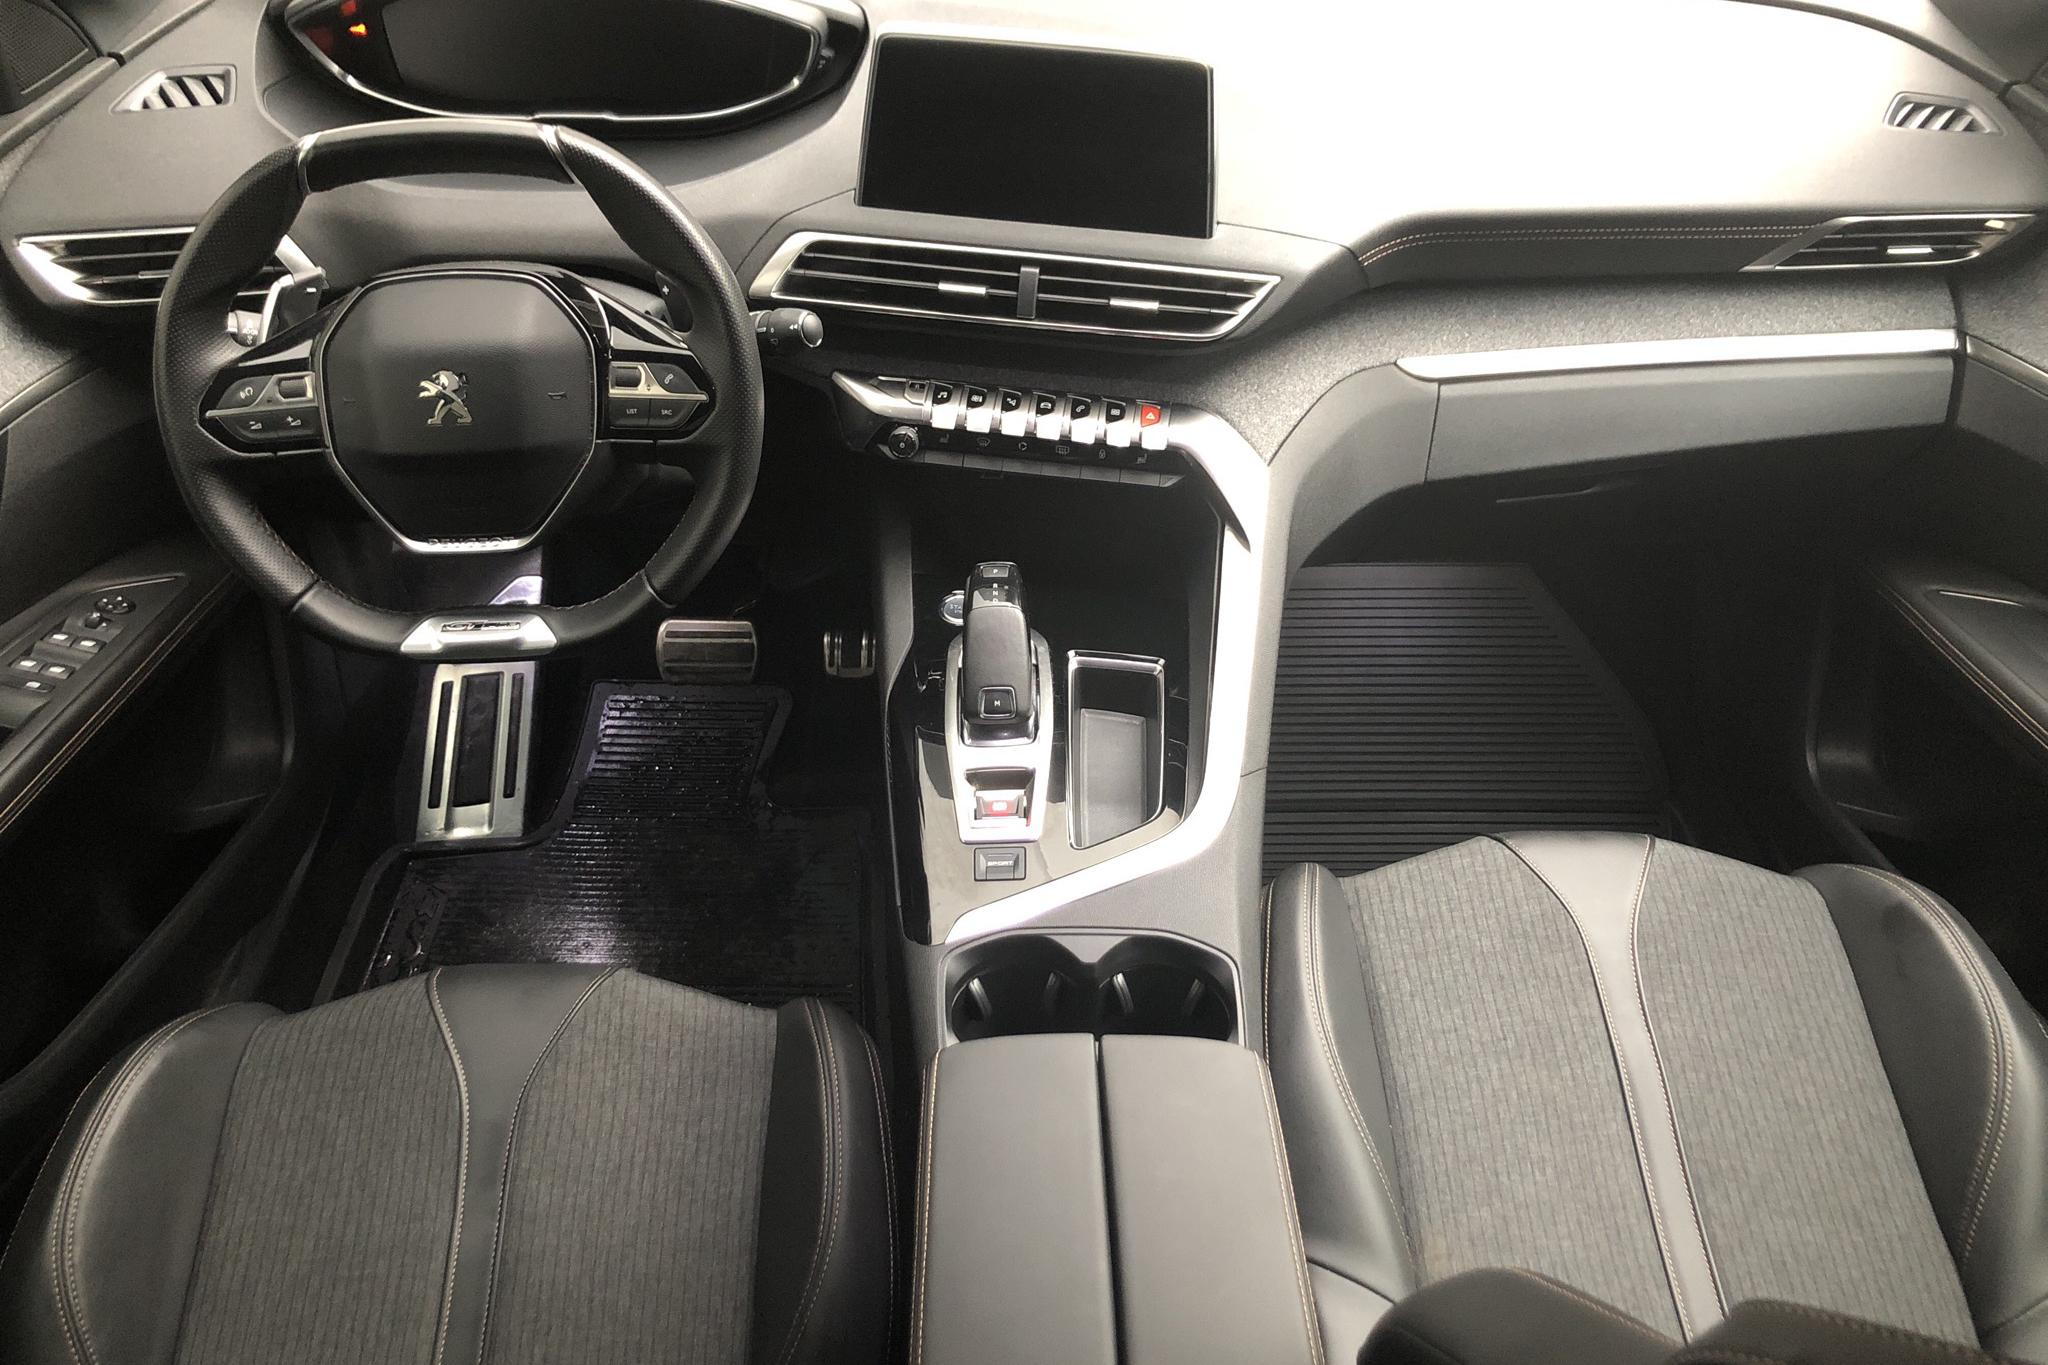 Peugeot 3008 1.6 PureTech (165hk) - 23 810 km - Automatic - 2018